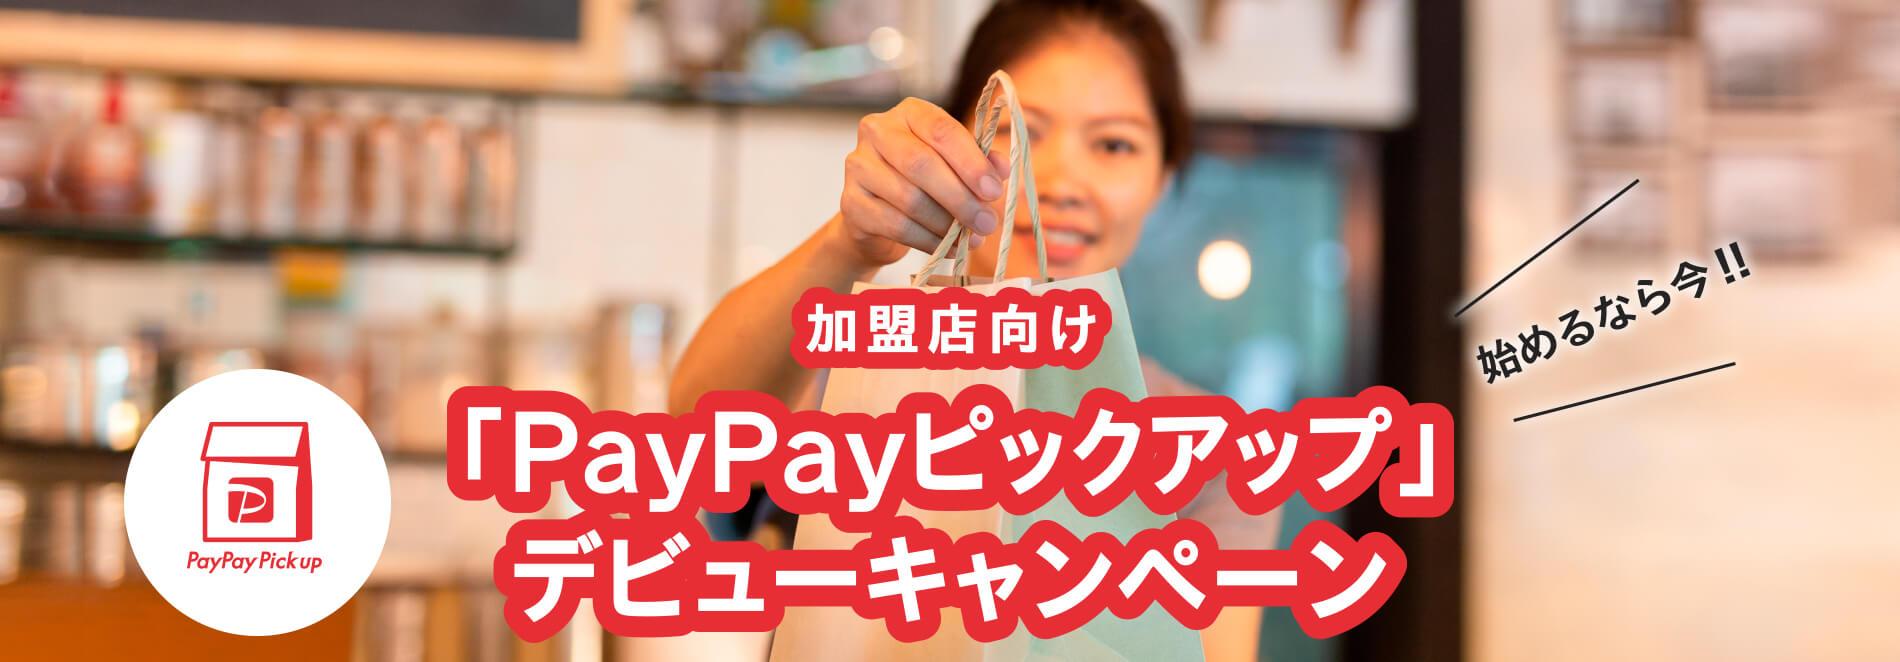 加盟店向け、「PayPayピックアップ」デビューキャンペーン!